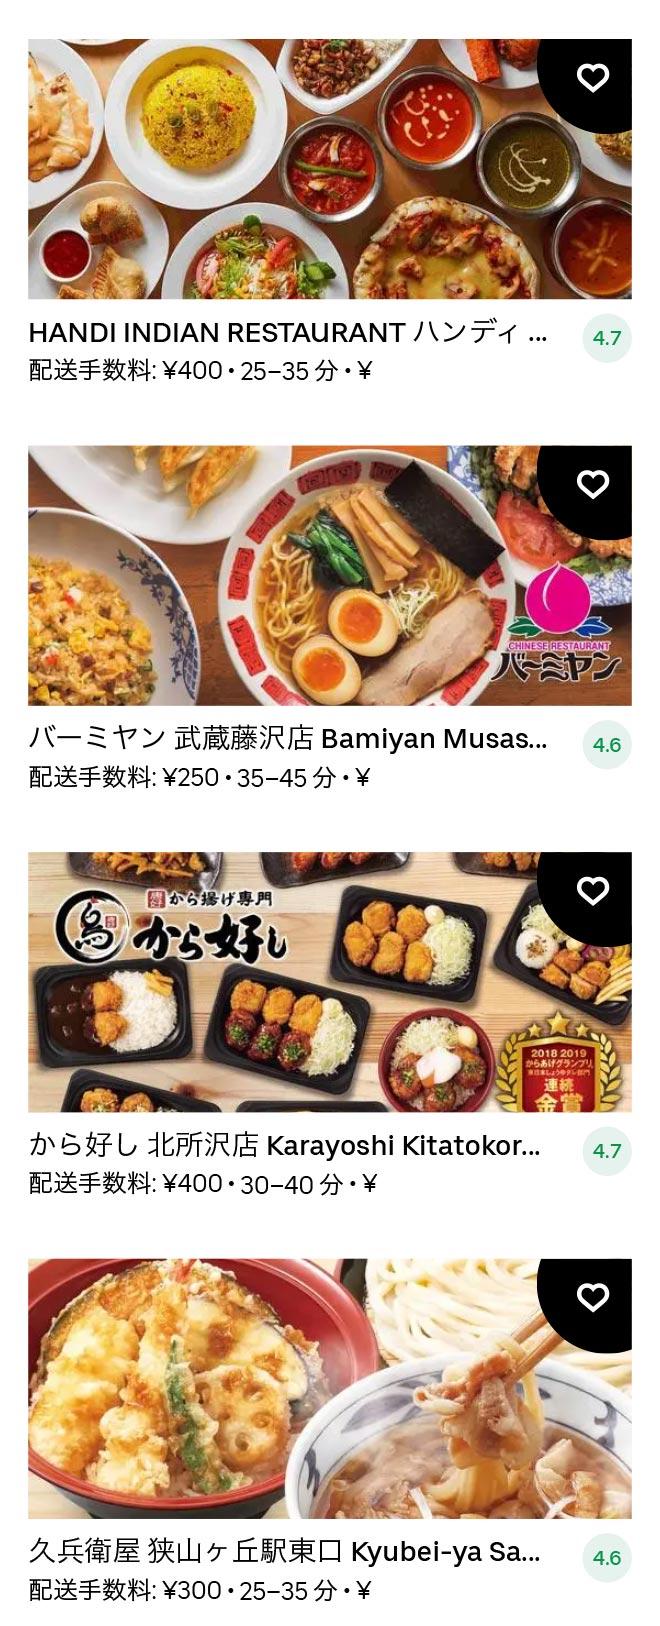 Iriso menu 2102 05